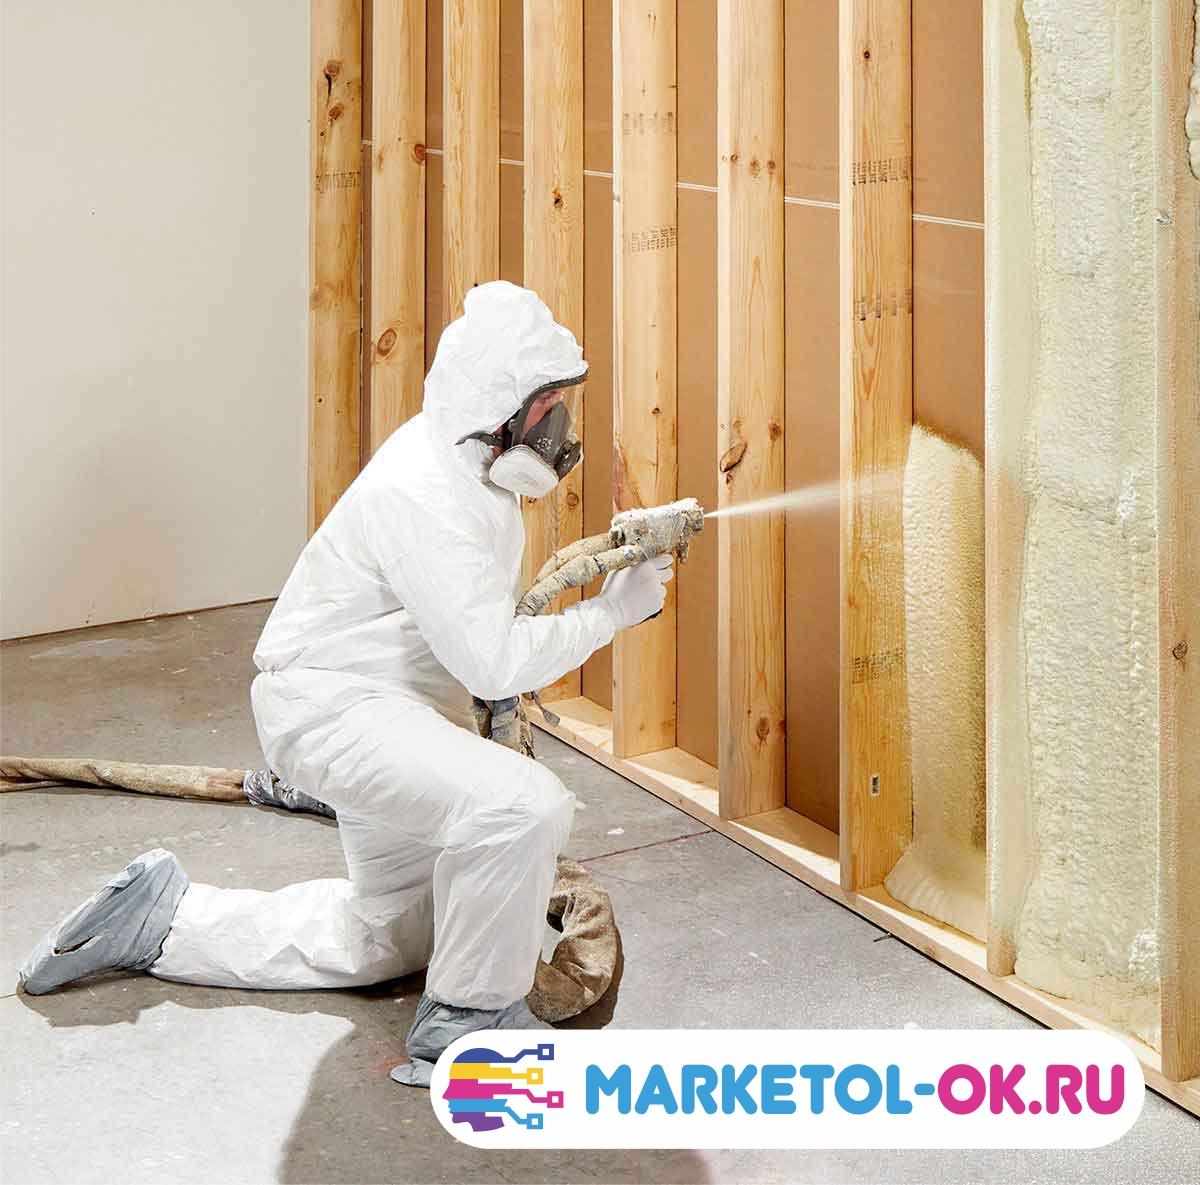 УТЕПЛЕНИЕ ППУ ЦЕНА БЕЗ ПОСРЕДНИКОВ НА 20% НИЖЕ РЫНКА Утепление пенополиуретаном цена за м2 в Москве 350 руб.